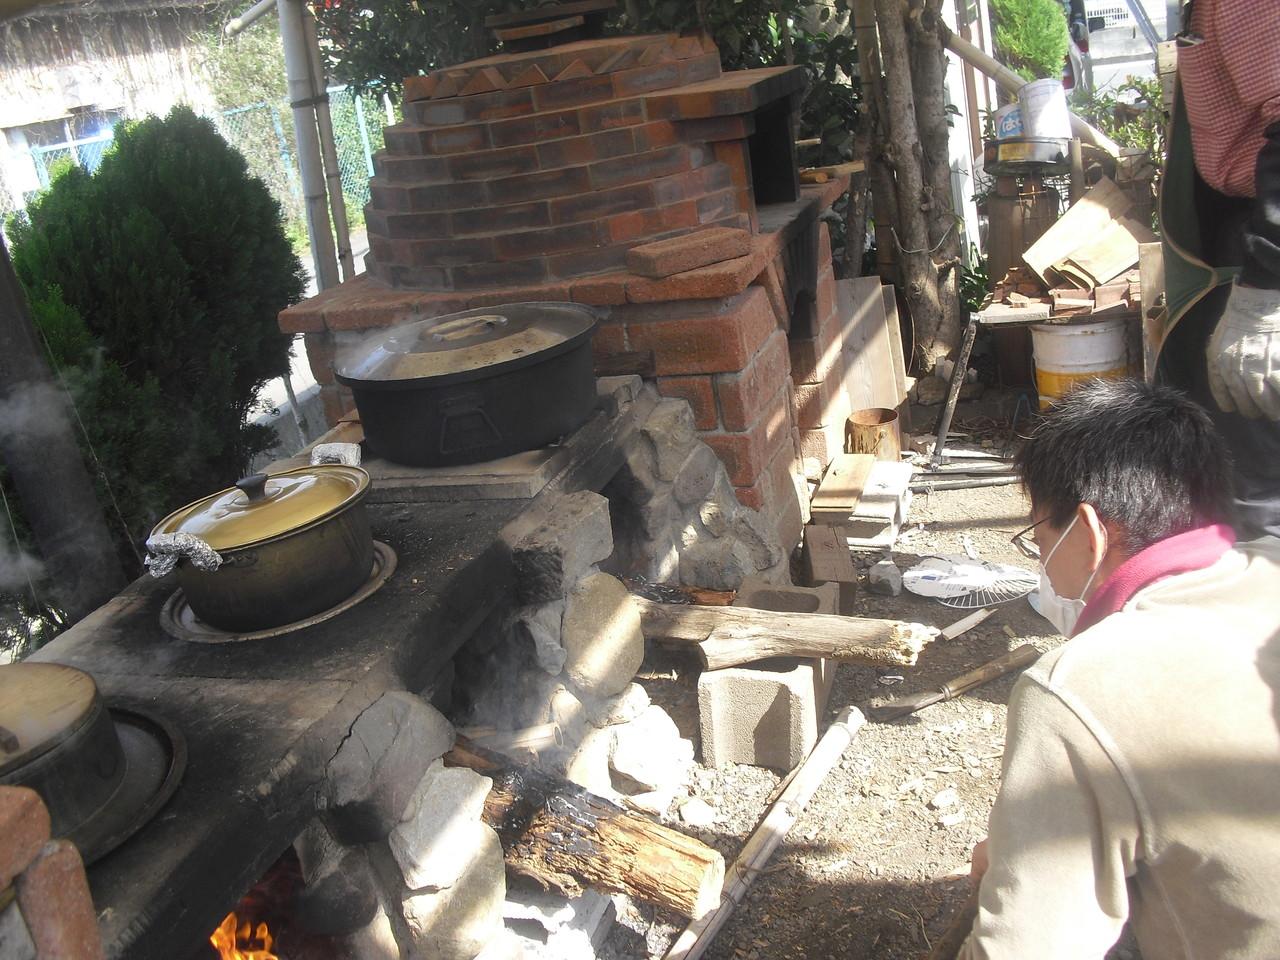 発酵の間に切干大根、みそ汁も作ります。切干大根と味噌はふじっころ村で冬に作ったものを使います。